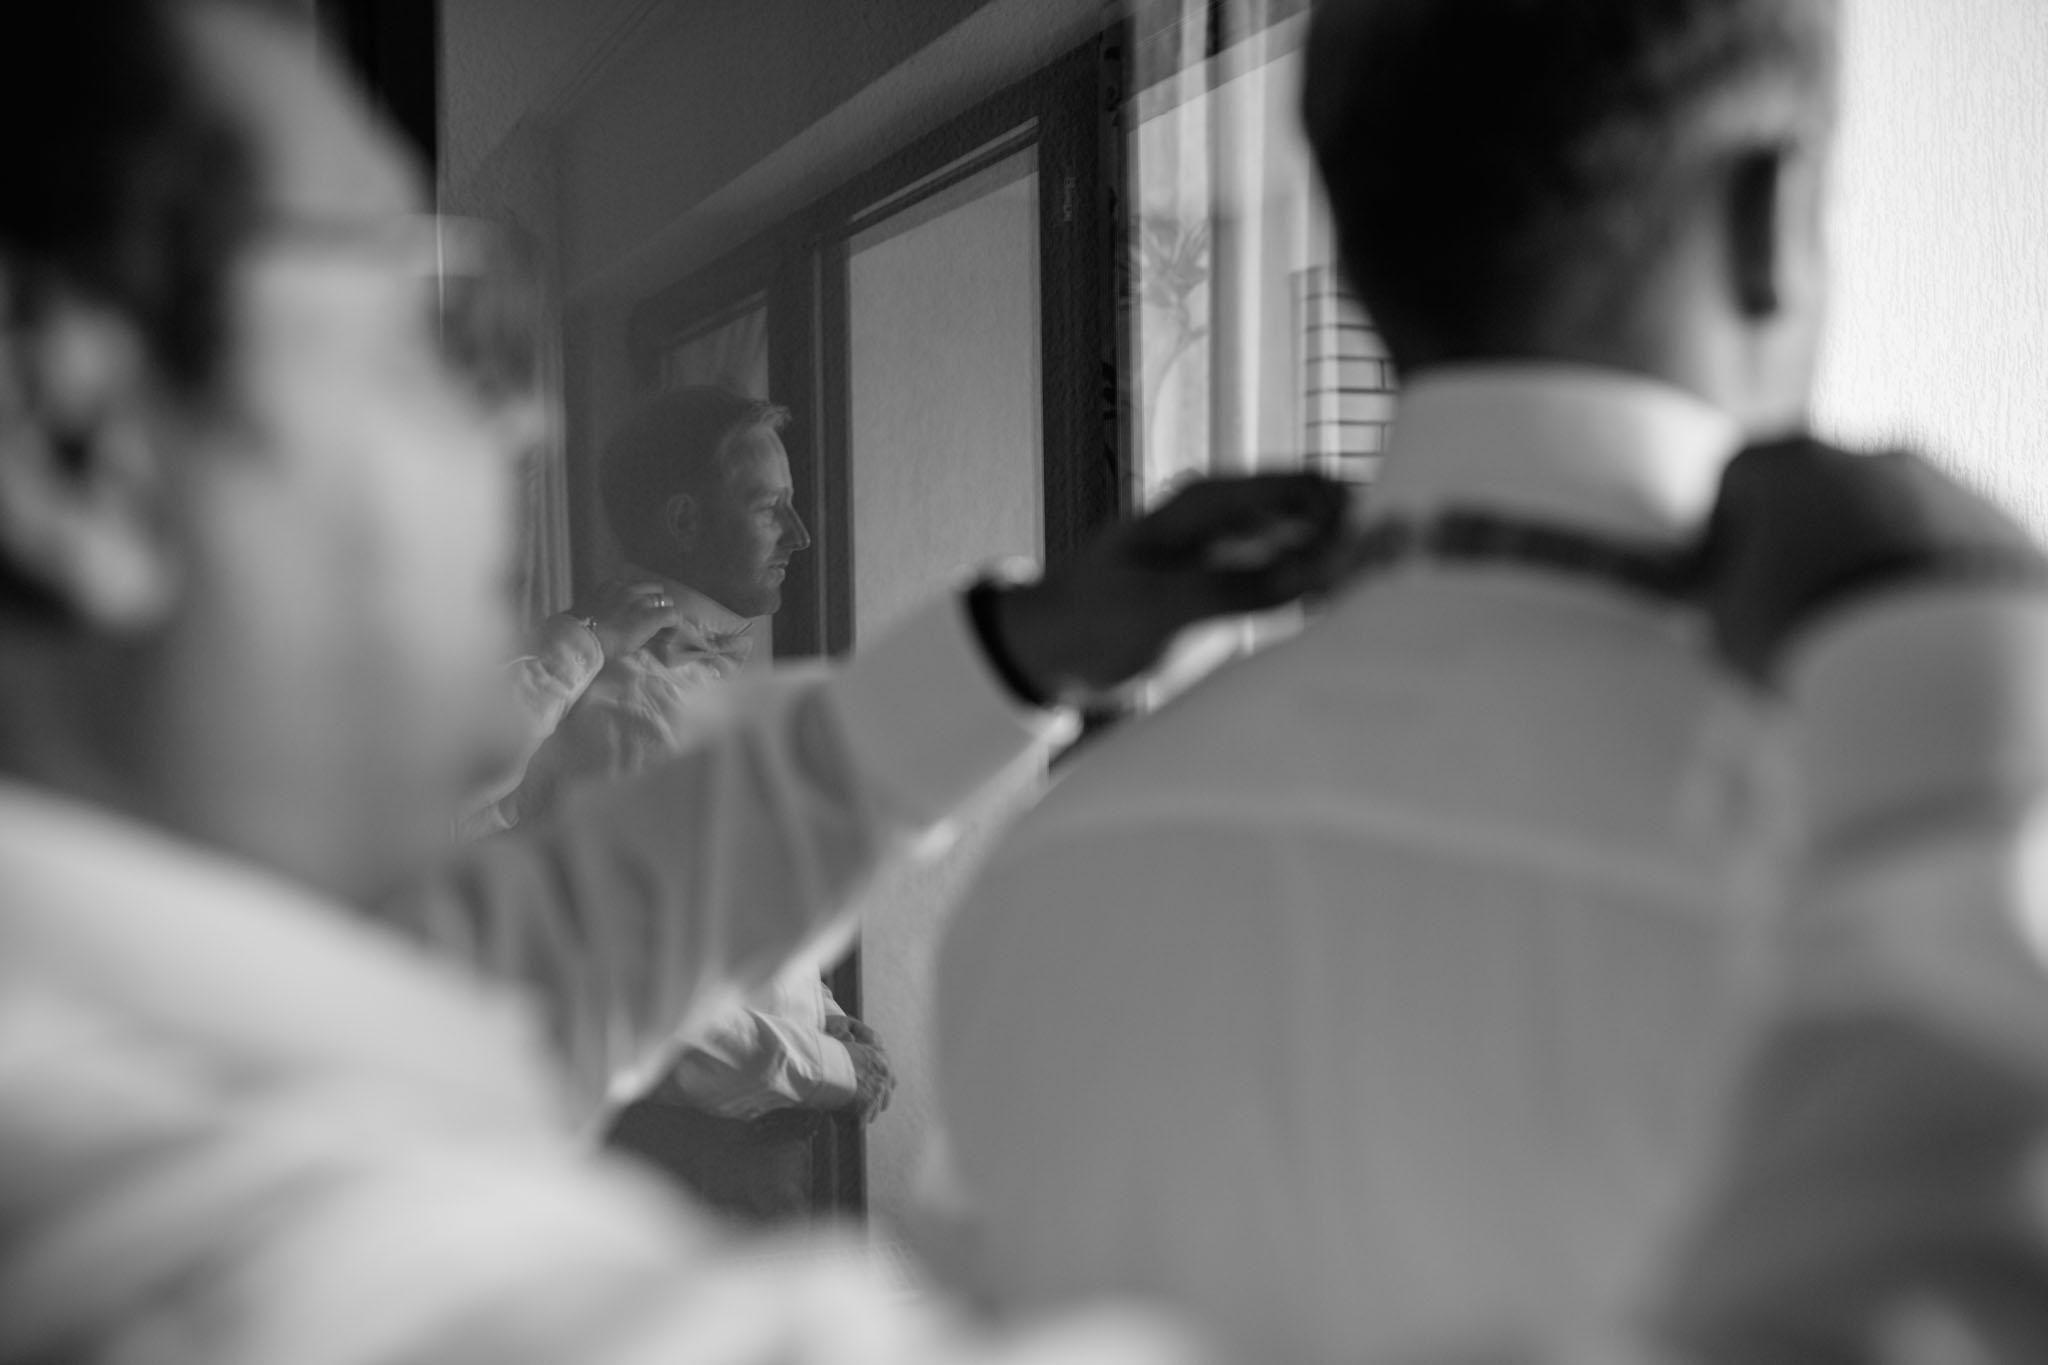 hochzeitsreportage-braeutigam-ankleiden-schwarzweiss-fliege-hotelzimmer